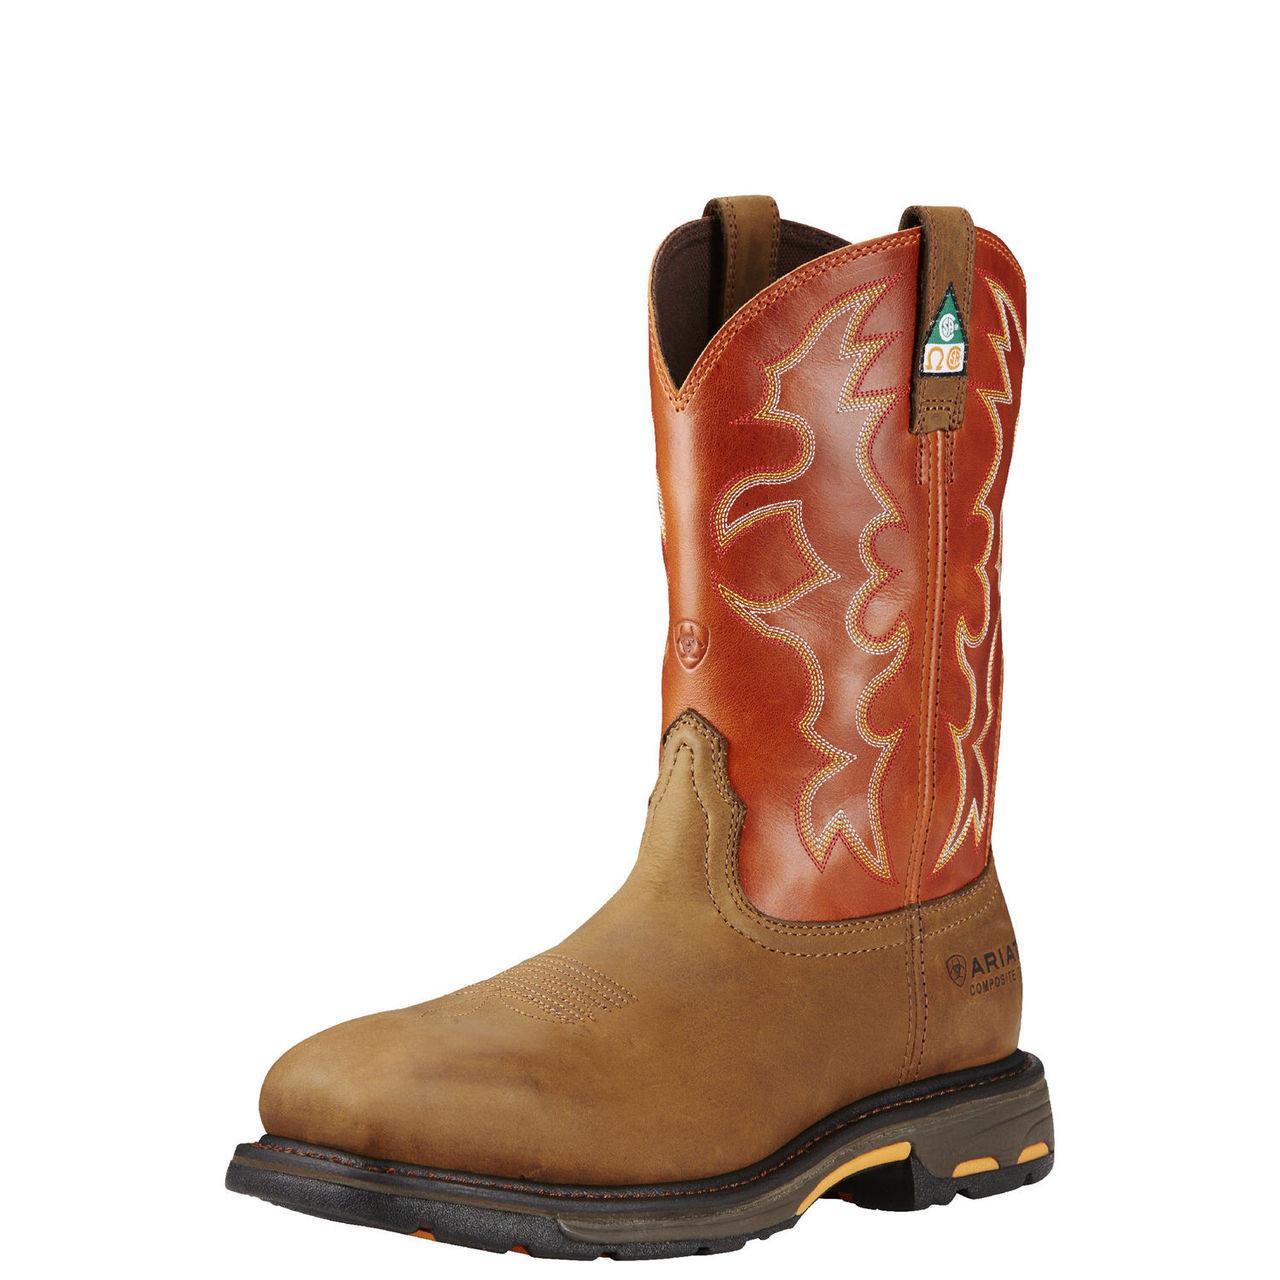 Men's Ariat Workhog CSA Composite Toe